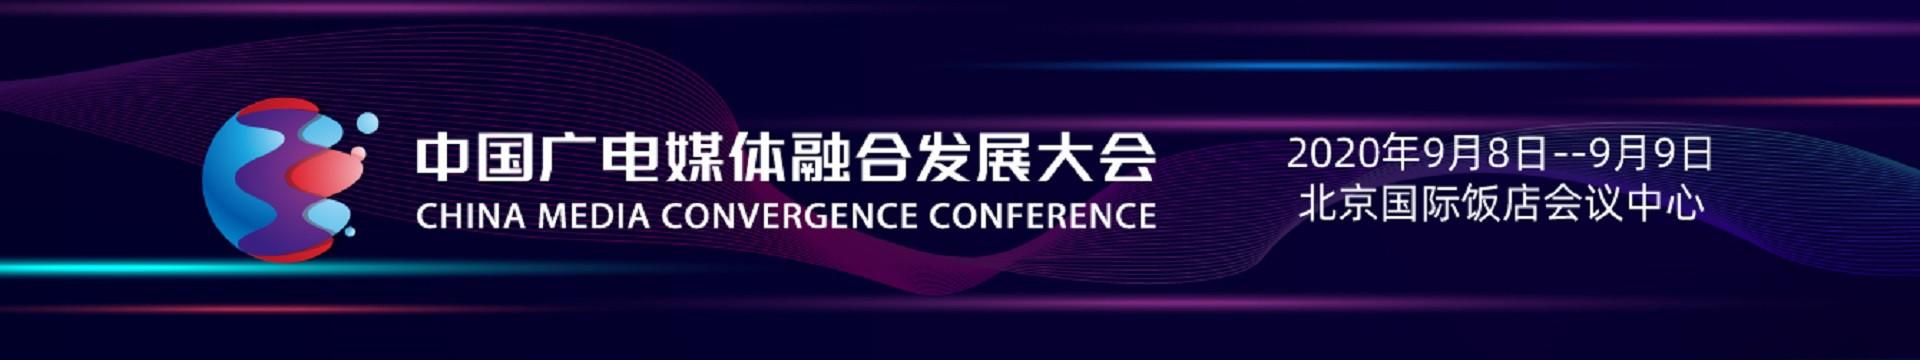 中国广电媒体融合发展大会